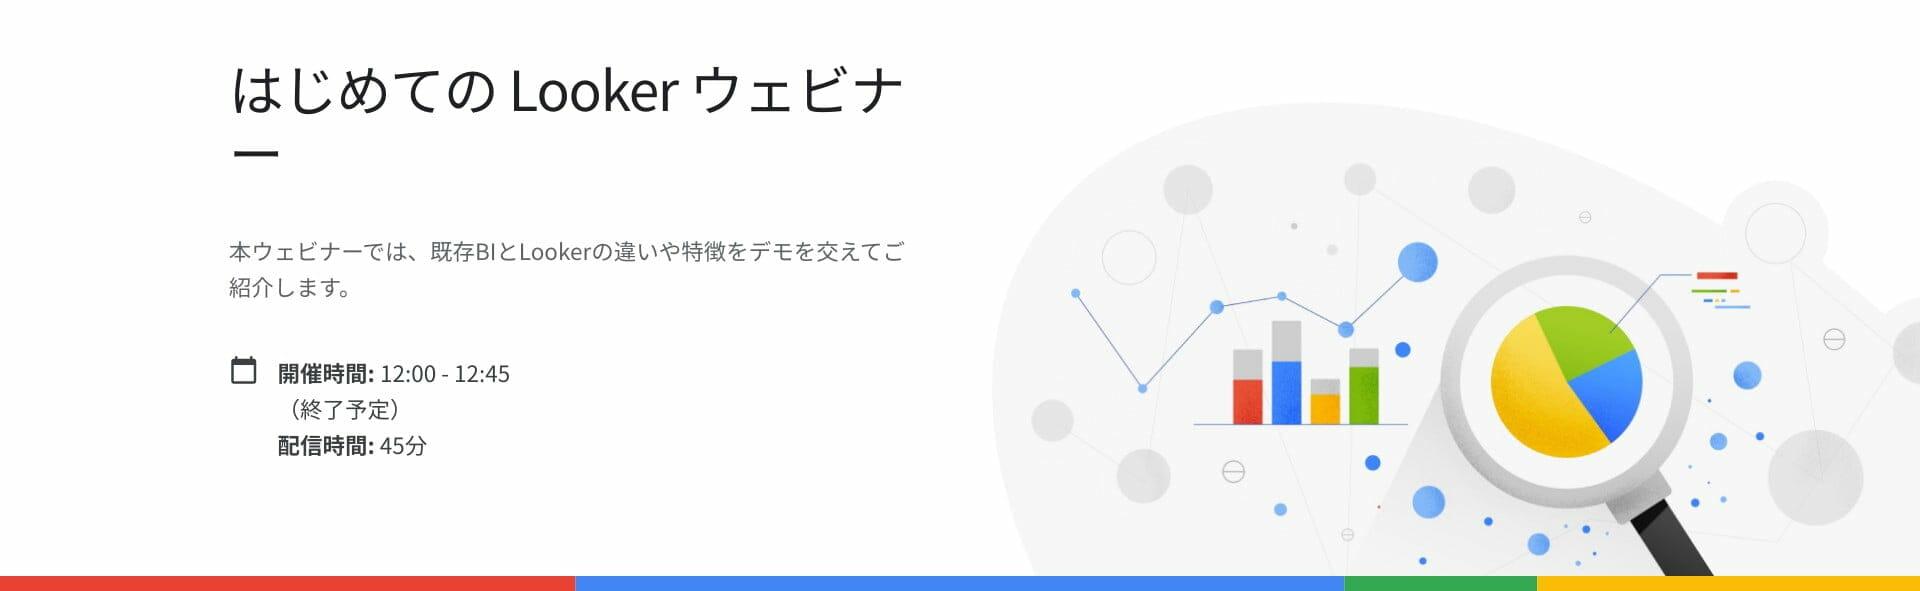 はじめてのLooker 日本語ウェビナー